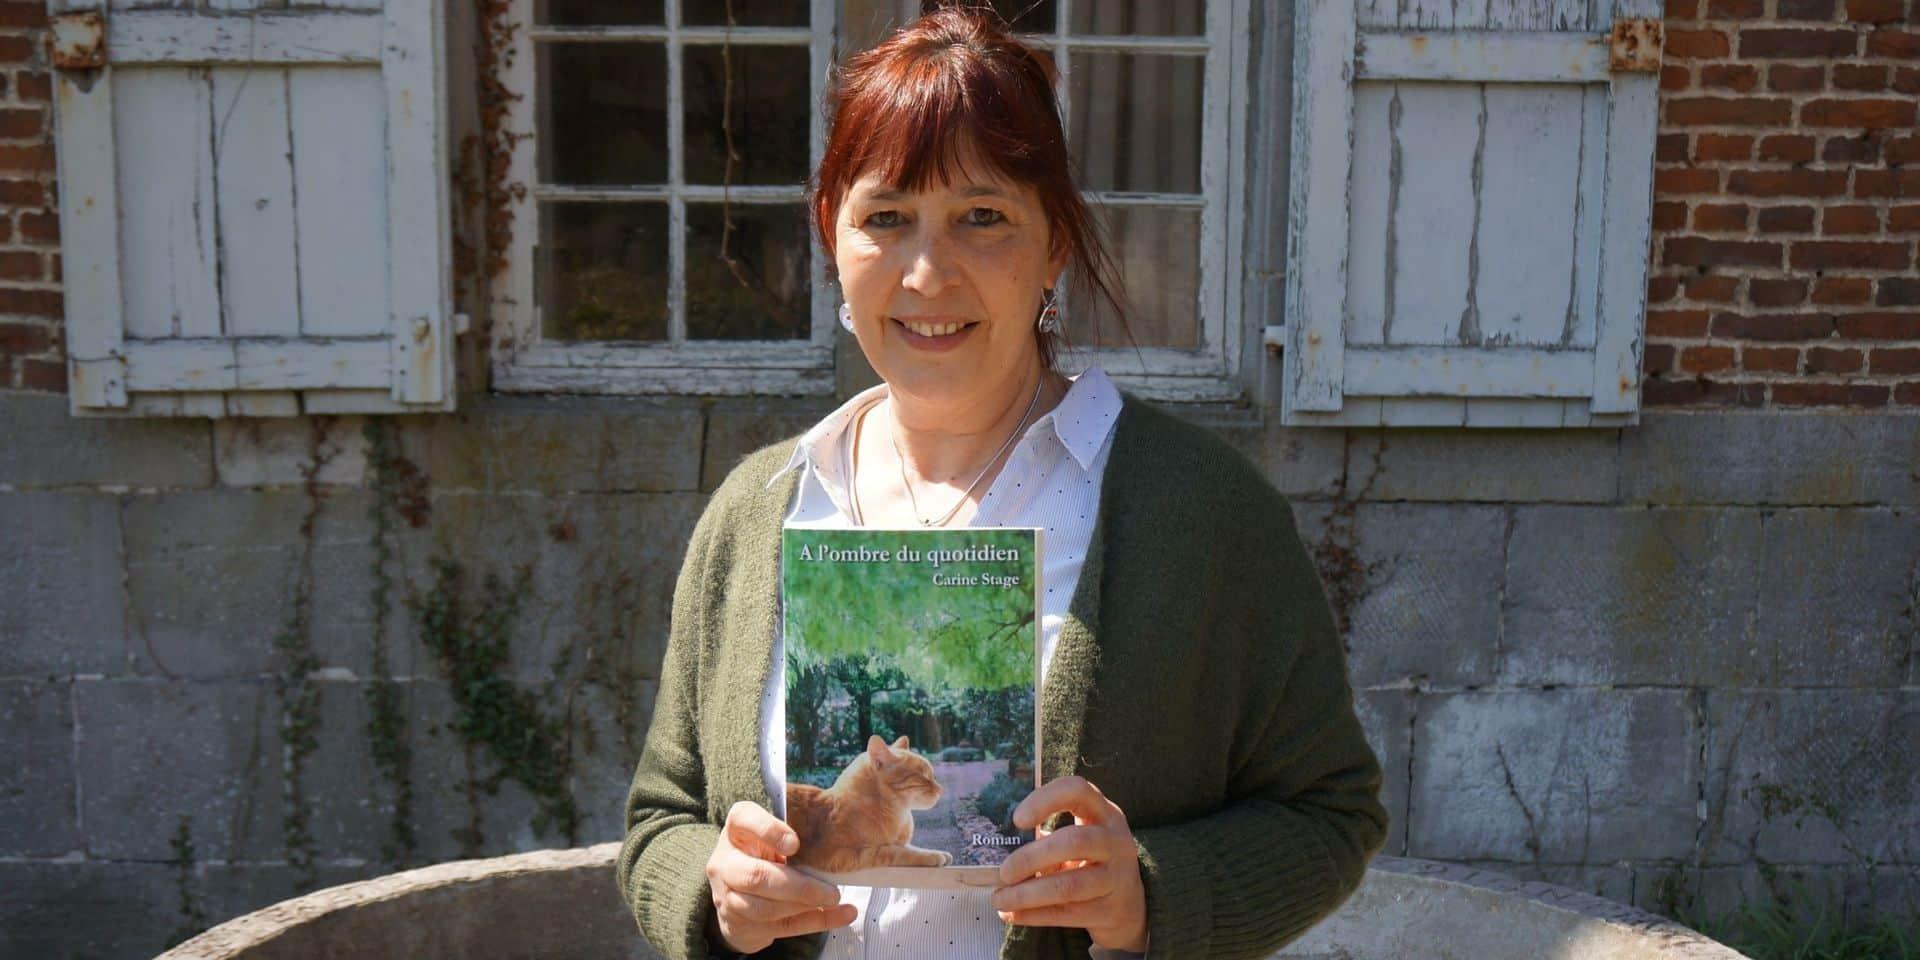 """""""A l'ombre du quotidien"""", un nouveau roman pour Carine Stage, auteure namuroise"""